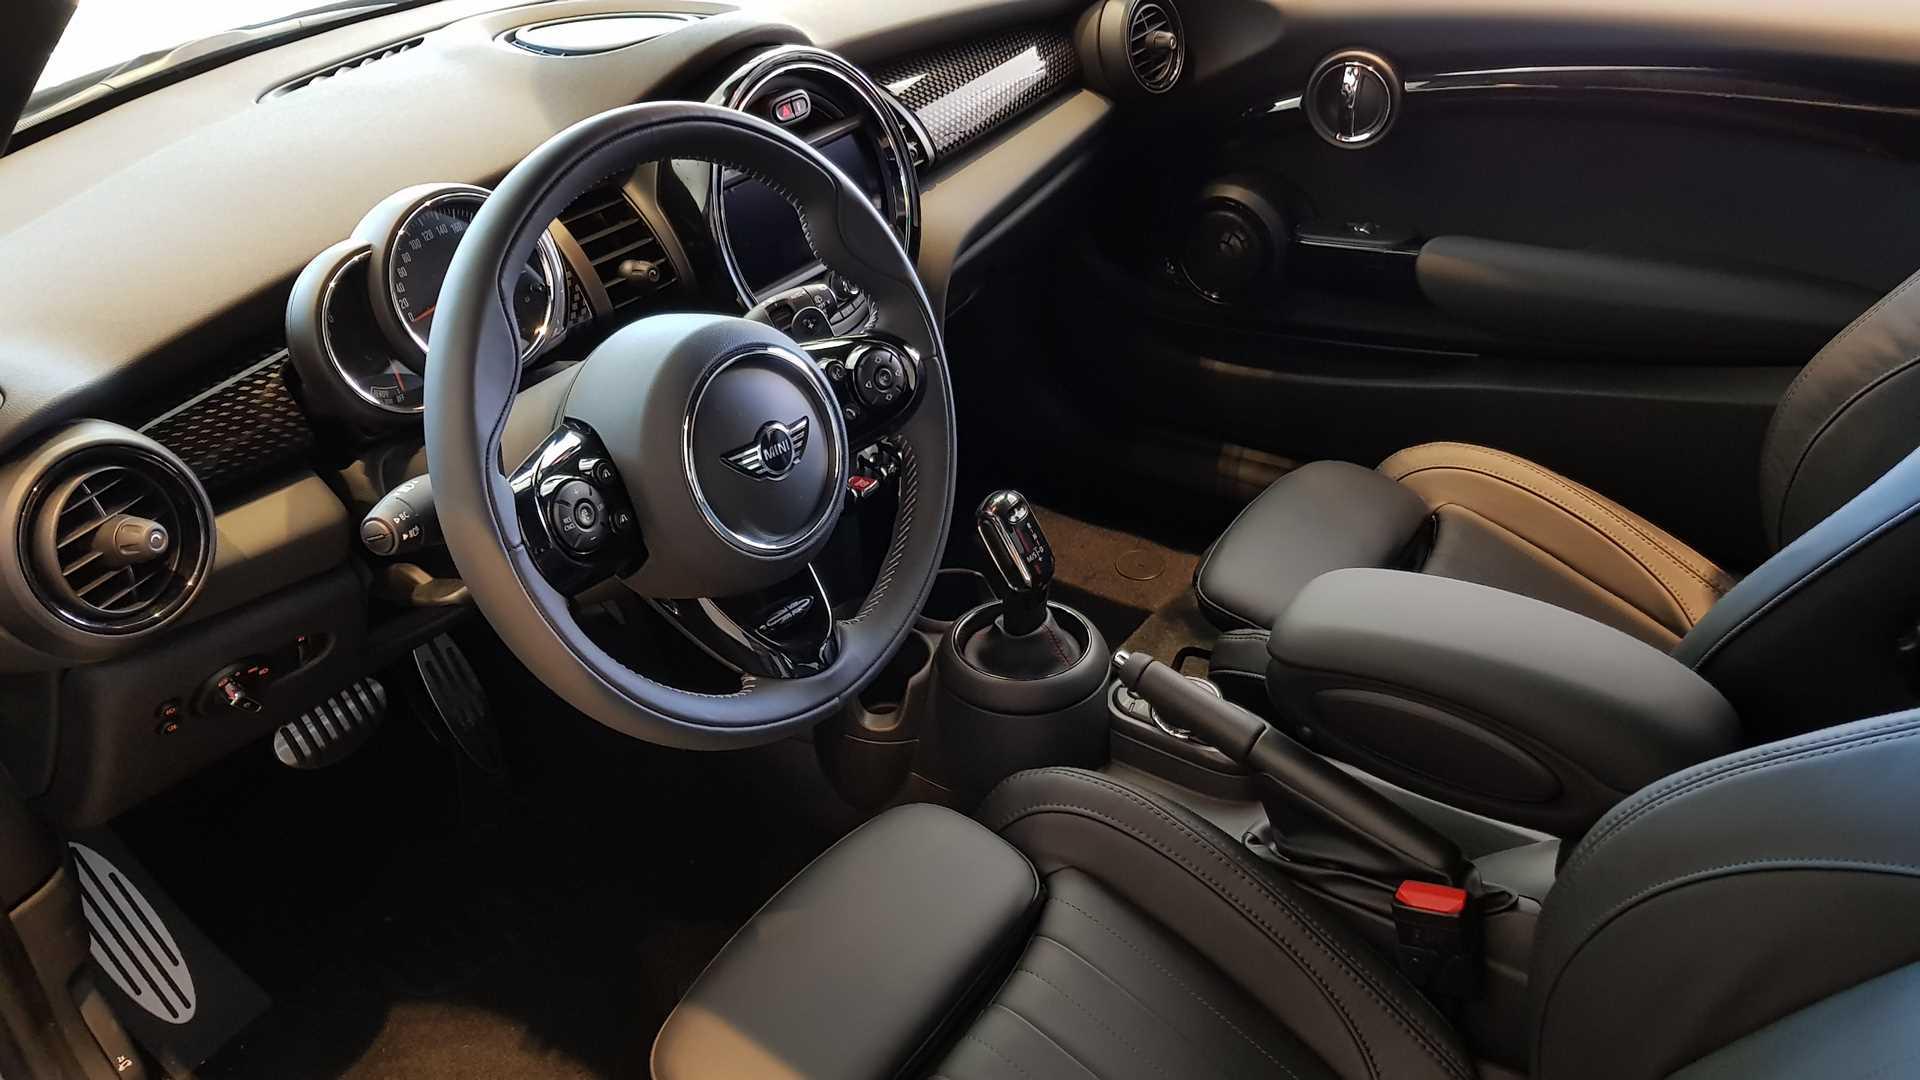 MINI Cooper S Delaney Edition